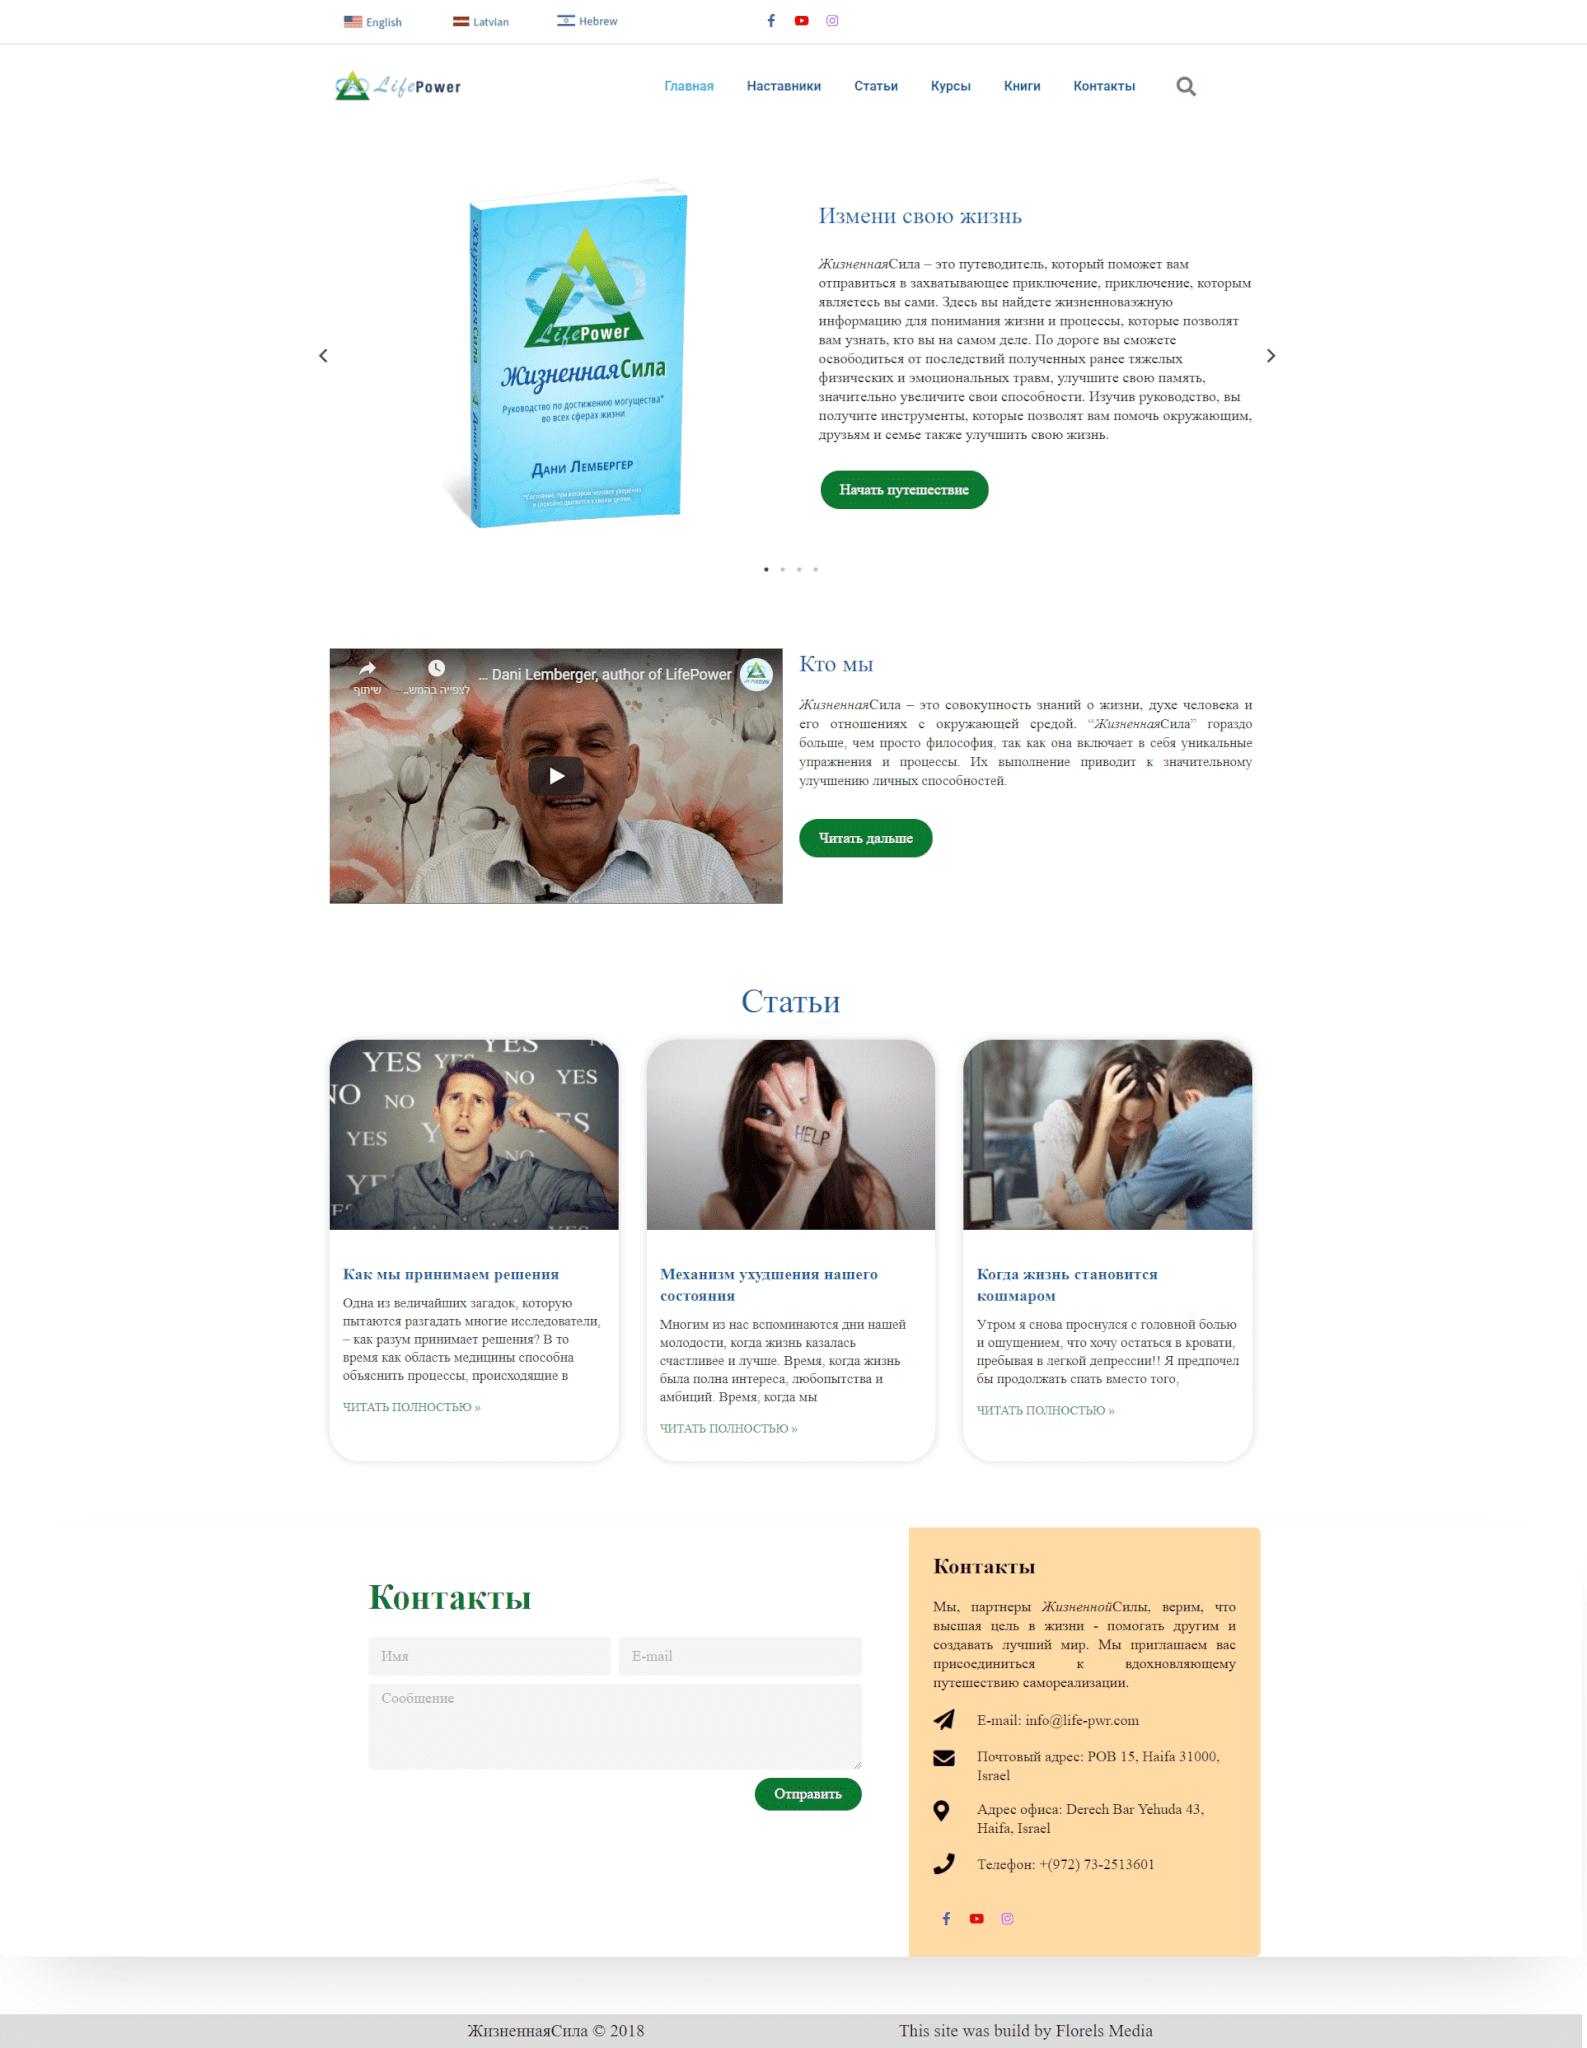 עמוד הבית של אתר עוצמתחיים ברוסית במלואו